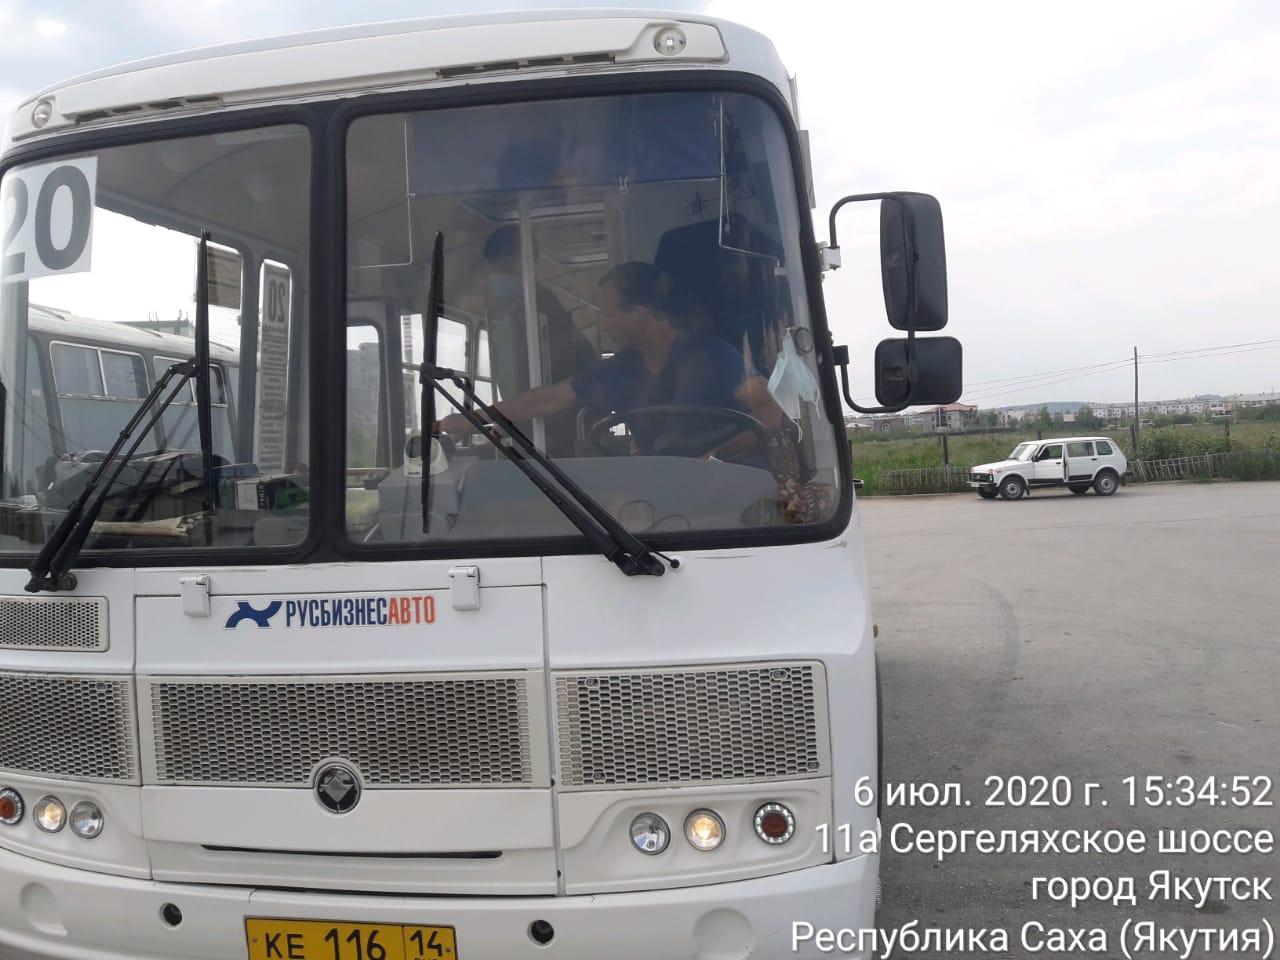 Сотрудники Окружной администрации города Якутска проверяют соблюдение масочного режима в общественном транспорте